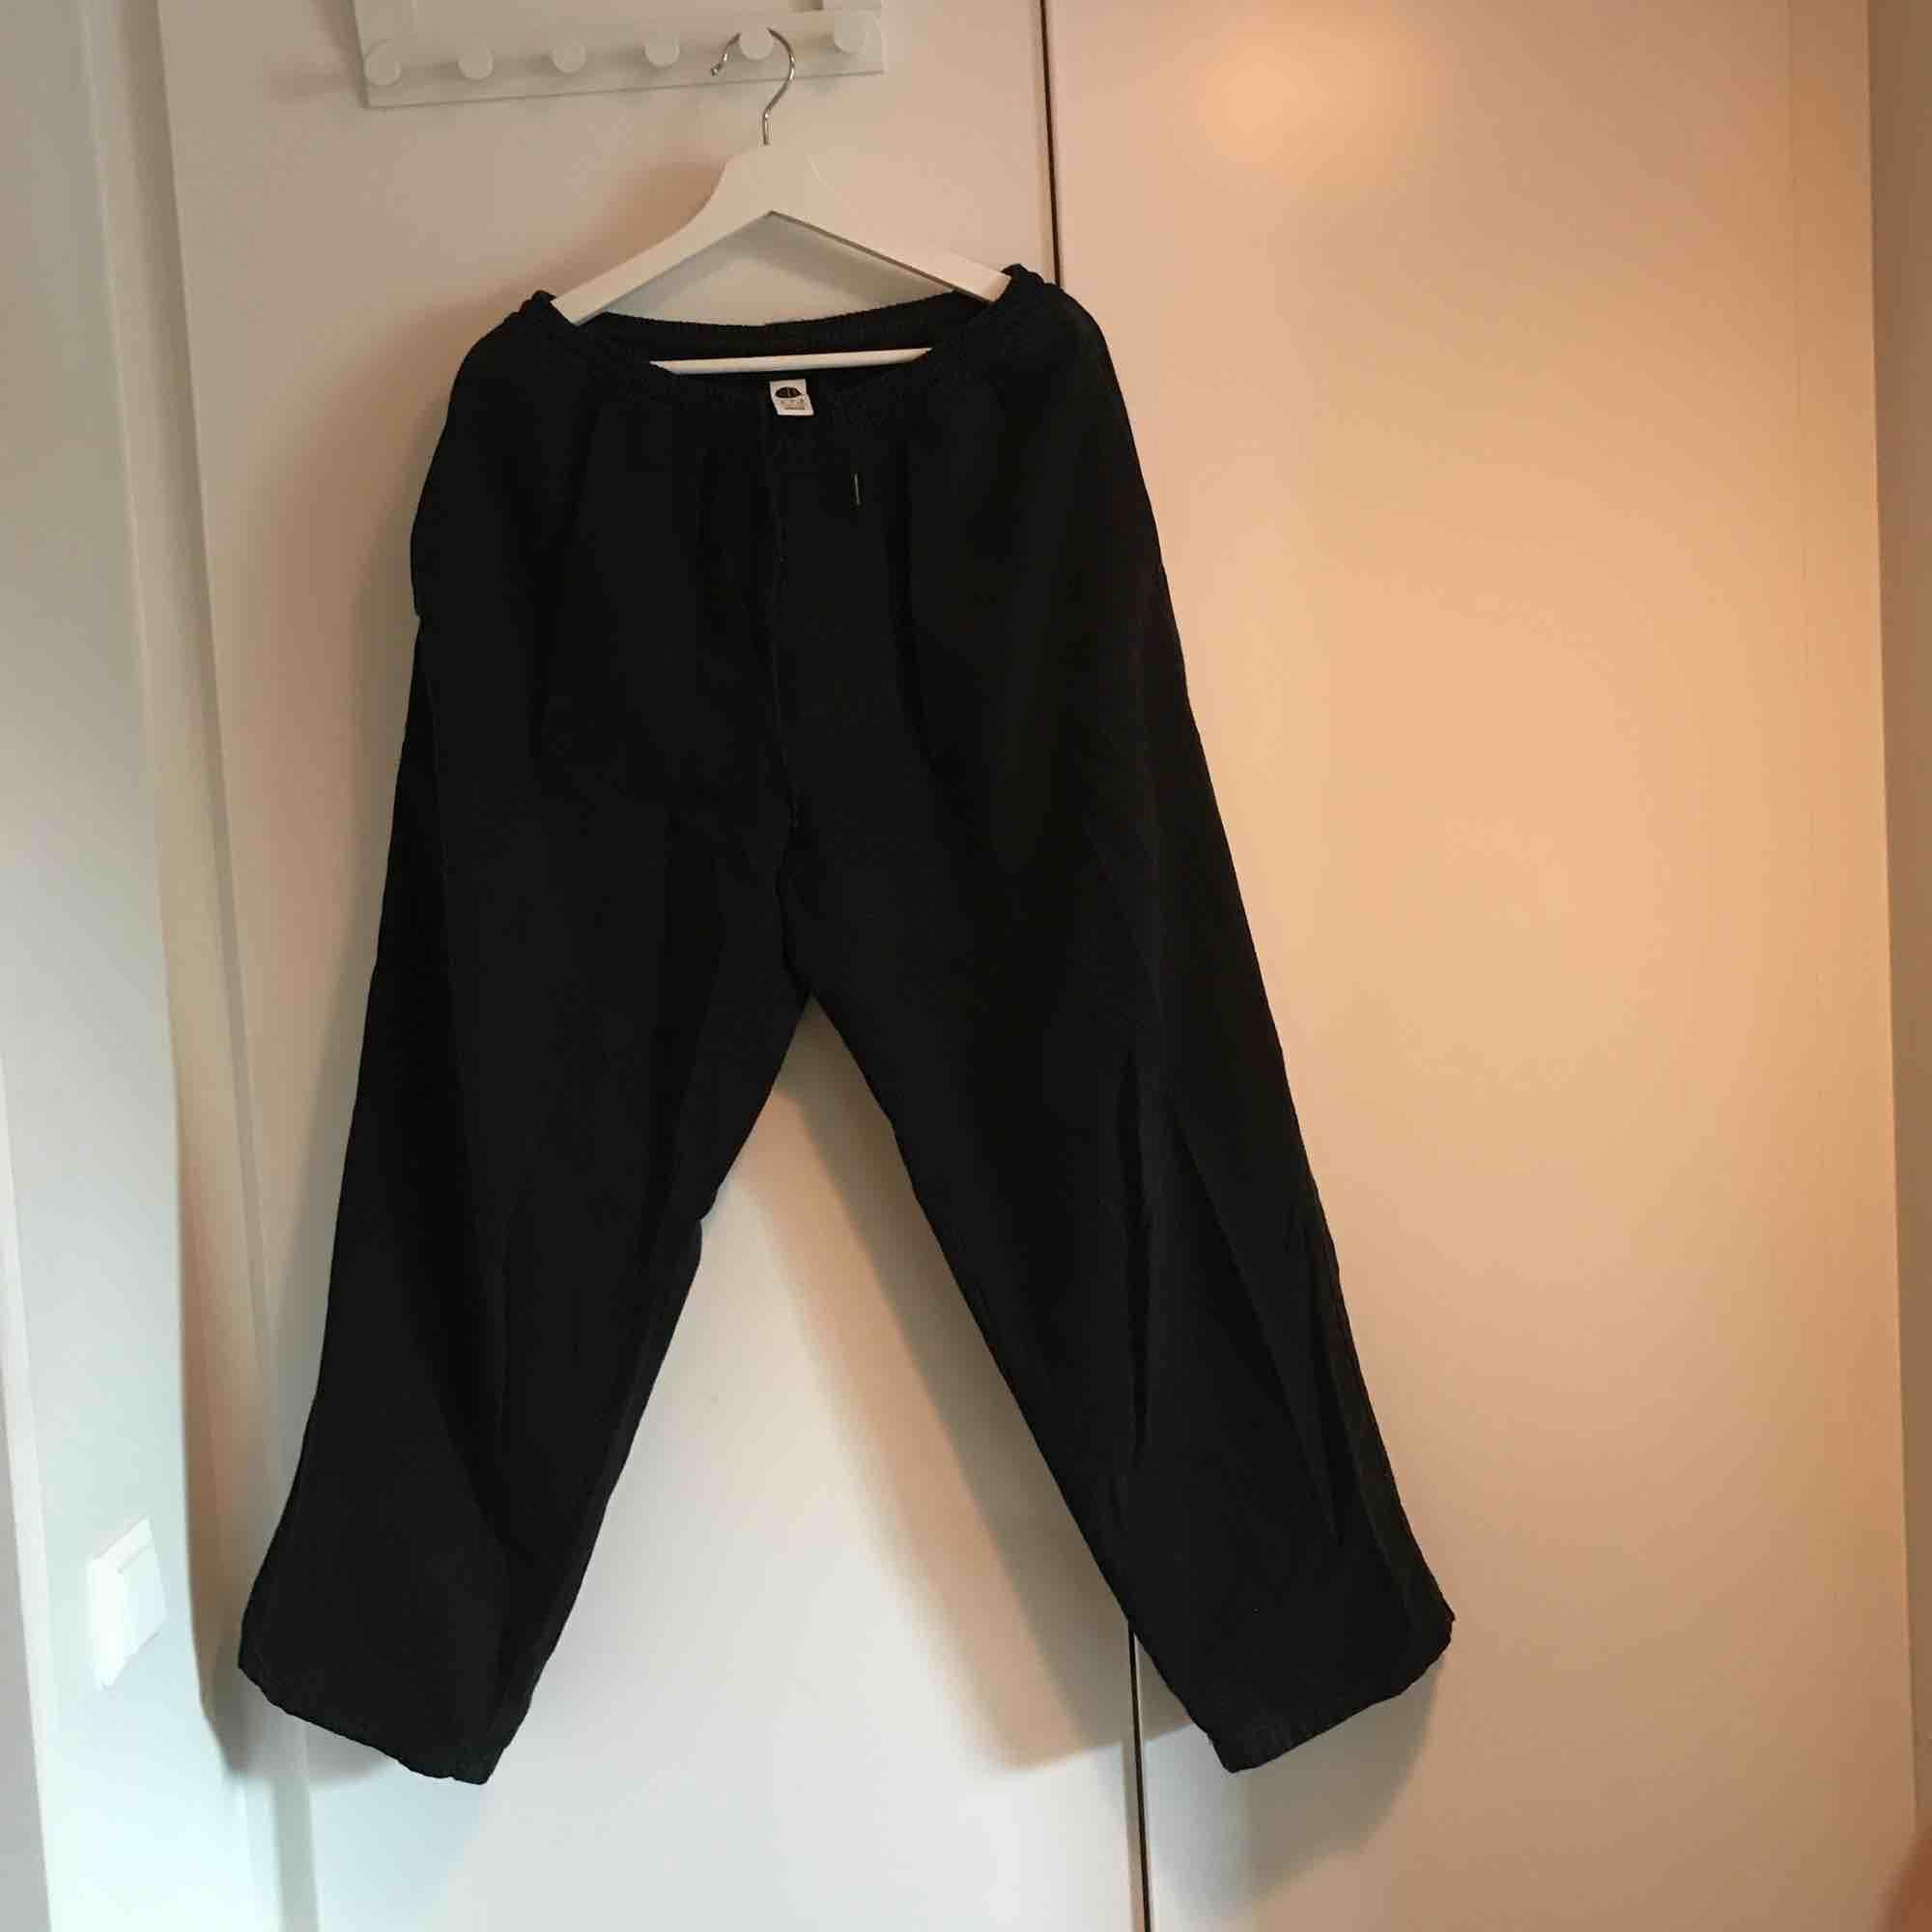 Karate Pants från Polar Skate Co. Baggy fit. Byxorna är i fint skick. Frågor? Skicka ett meddelande så ska jag svara så snabbt jag kan.. Jeans & Byxor.